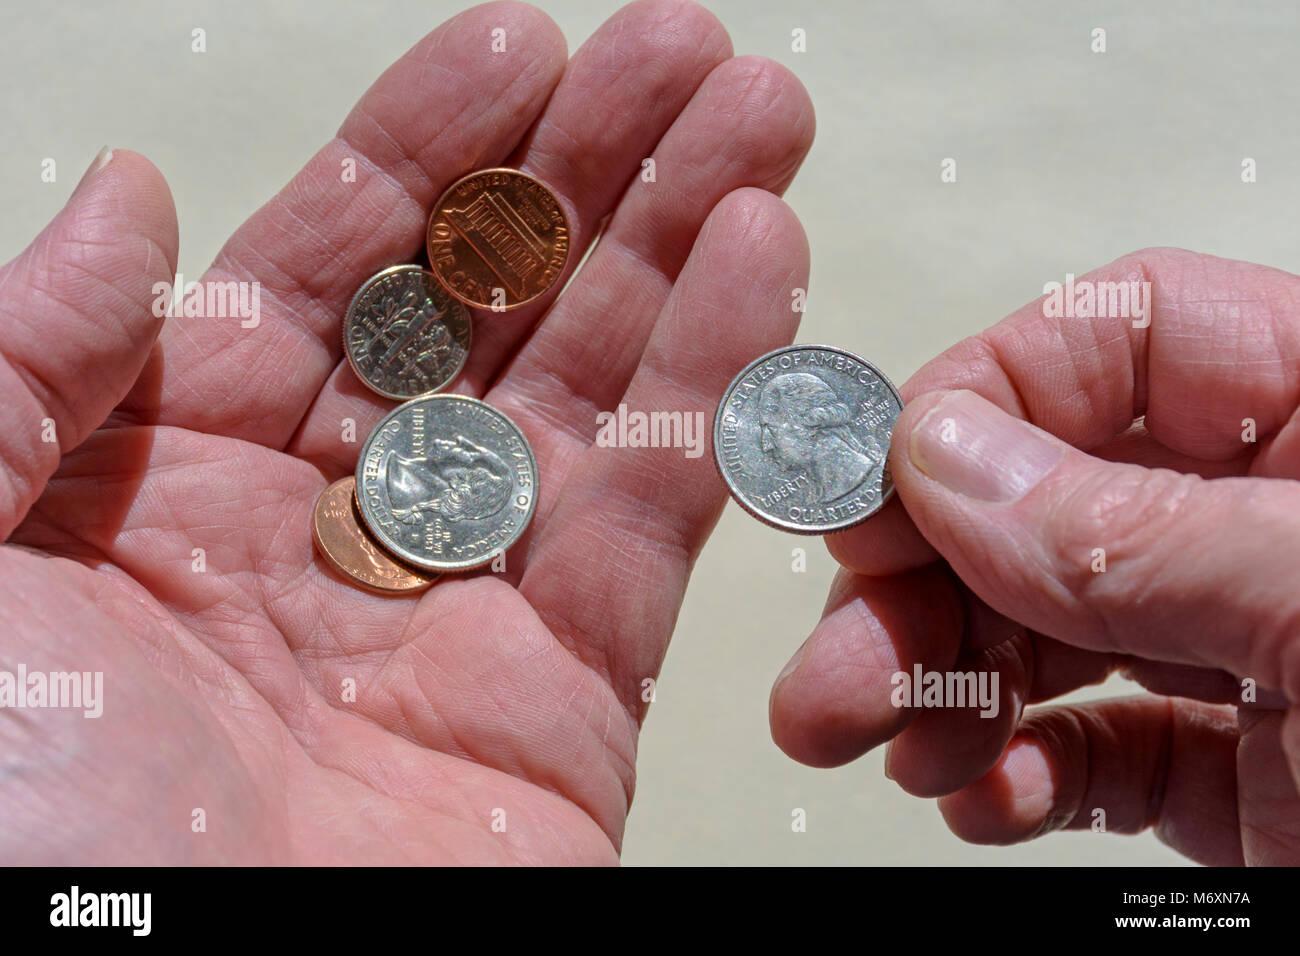 Détail montre comptant United States de pièces ou de changement. Ou nous donner le changement pour achat Photo Stock